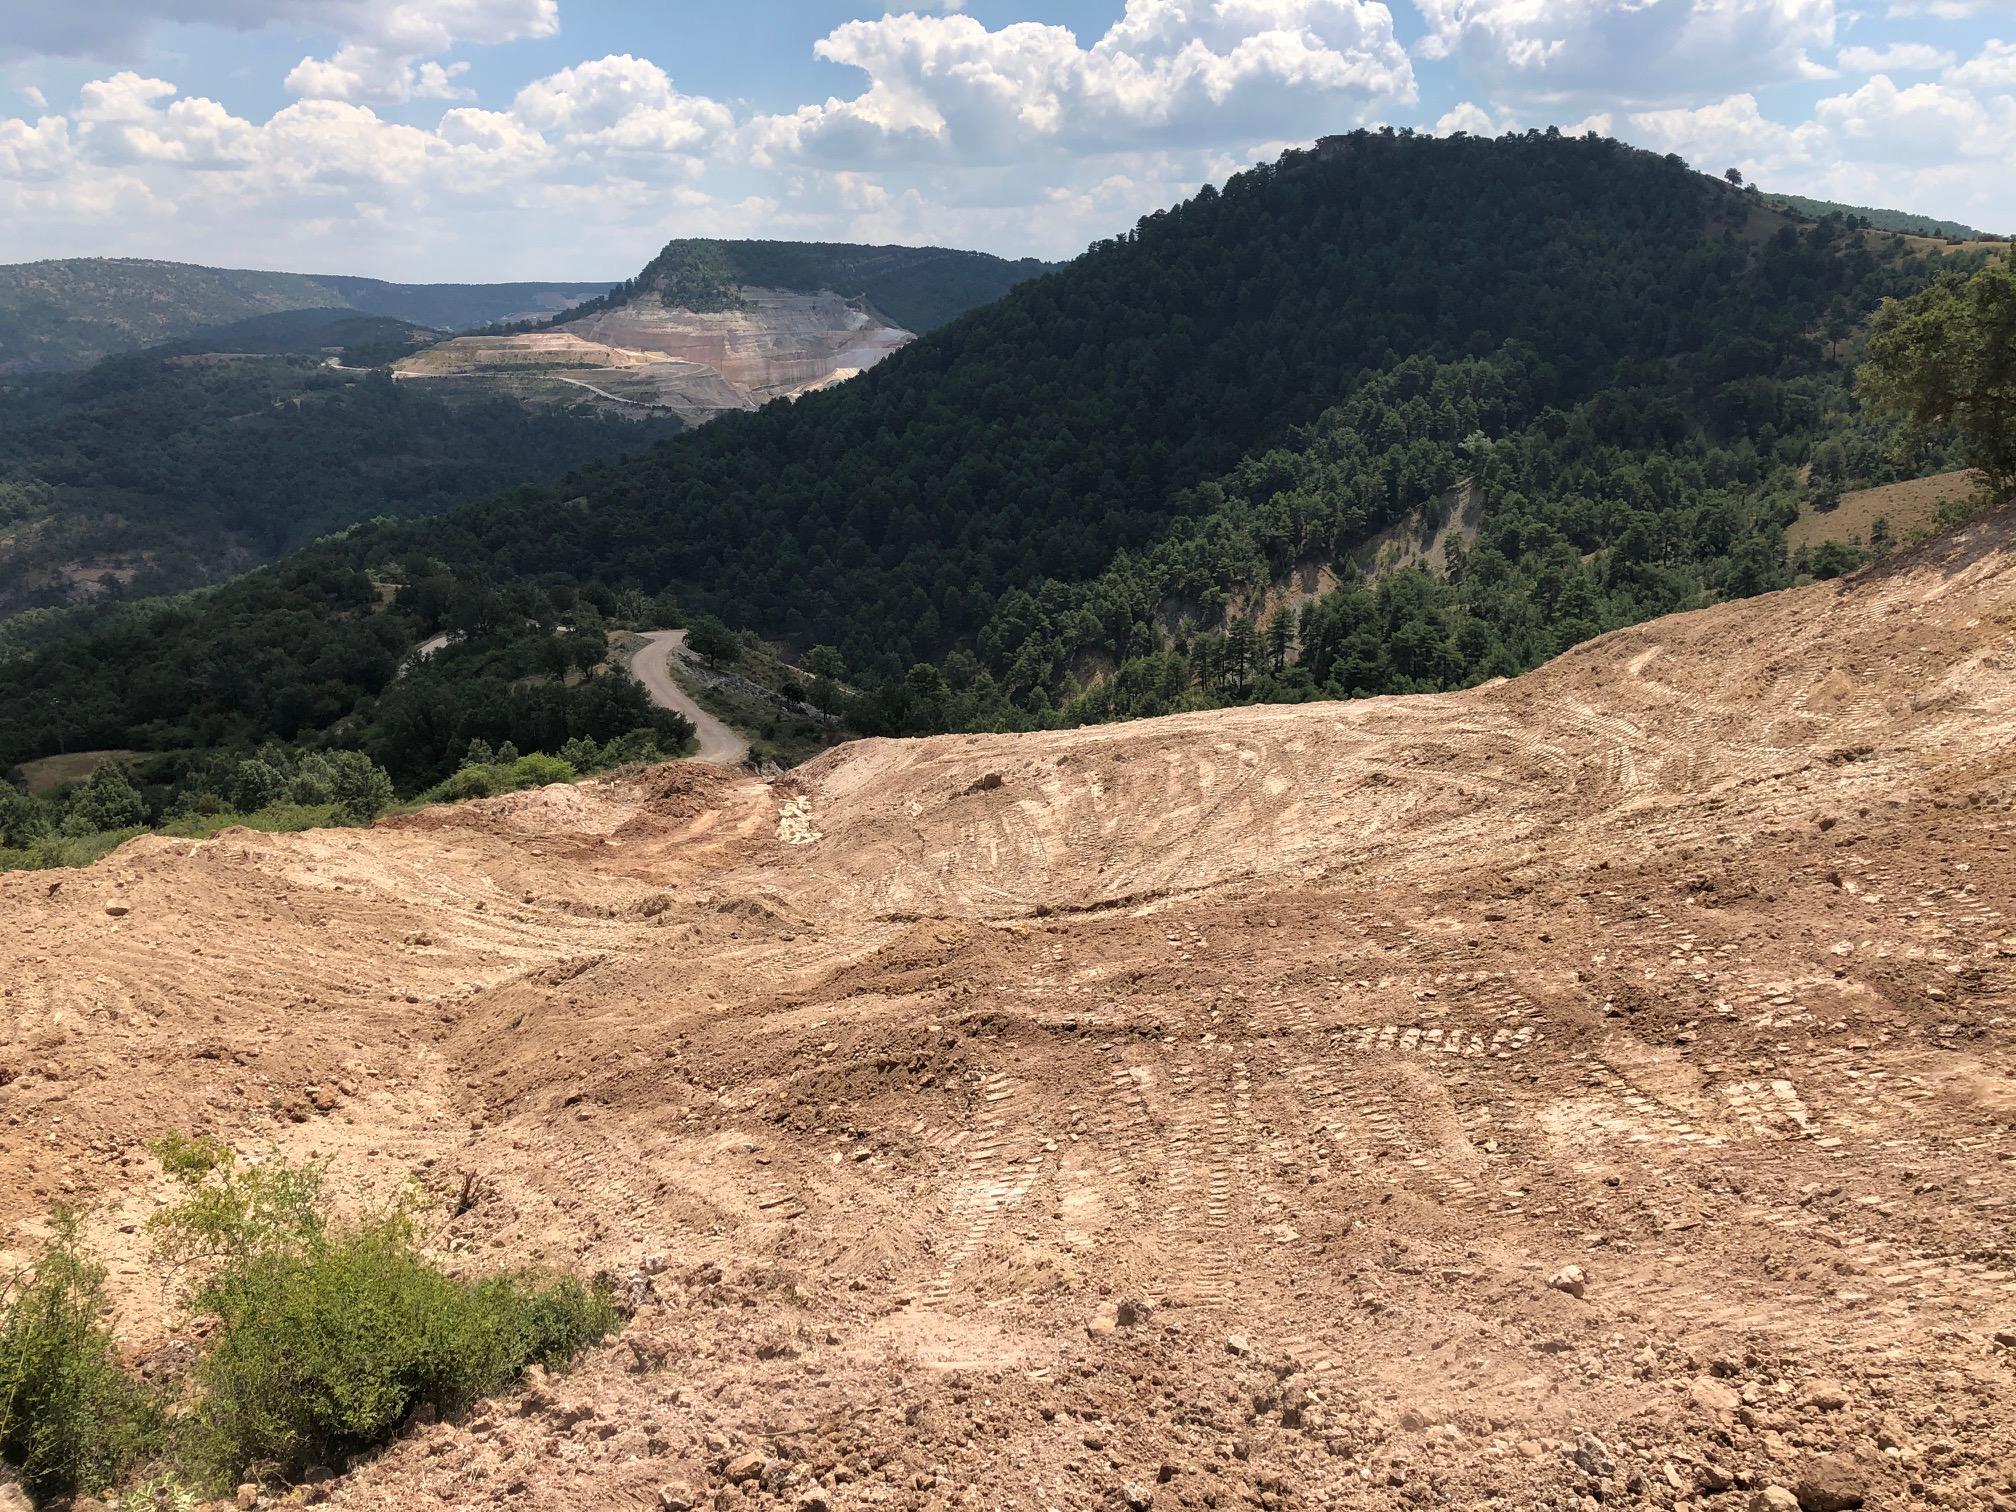 Início dos trabalhos de restauração na mina de Santa Engrácia (Peñalén) – julho 2020